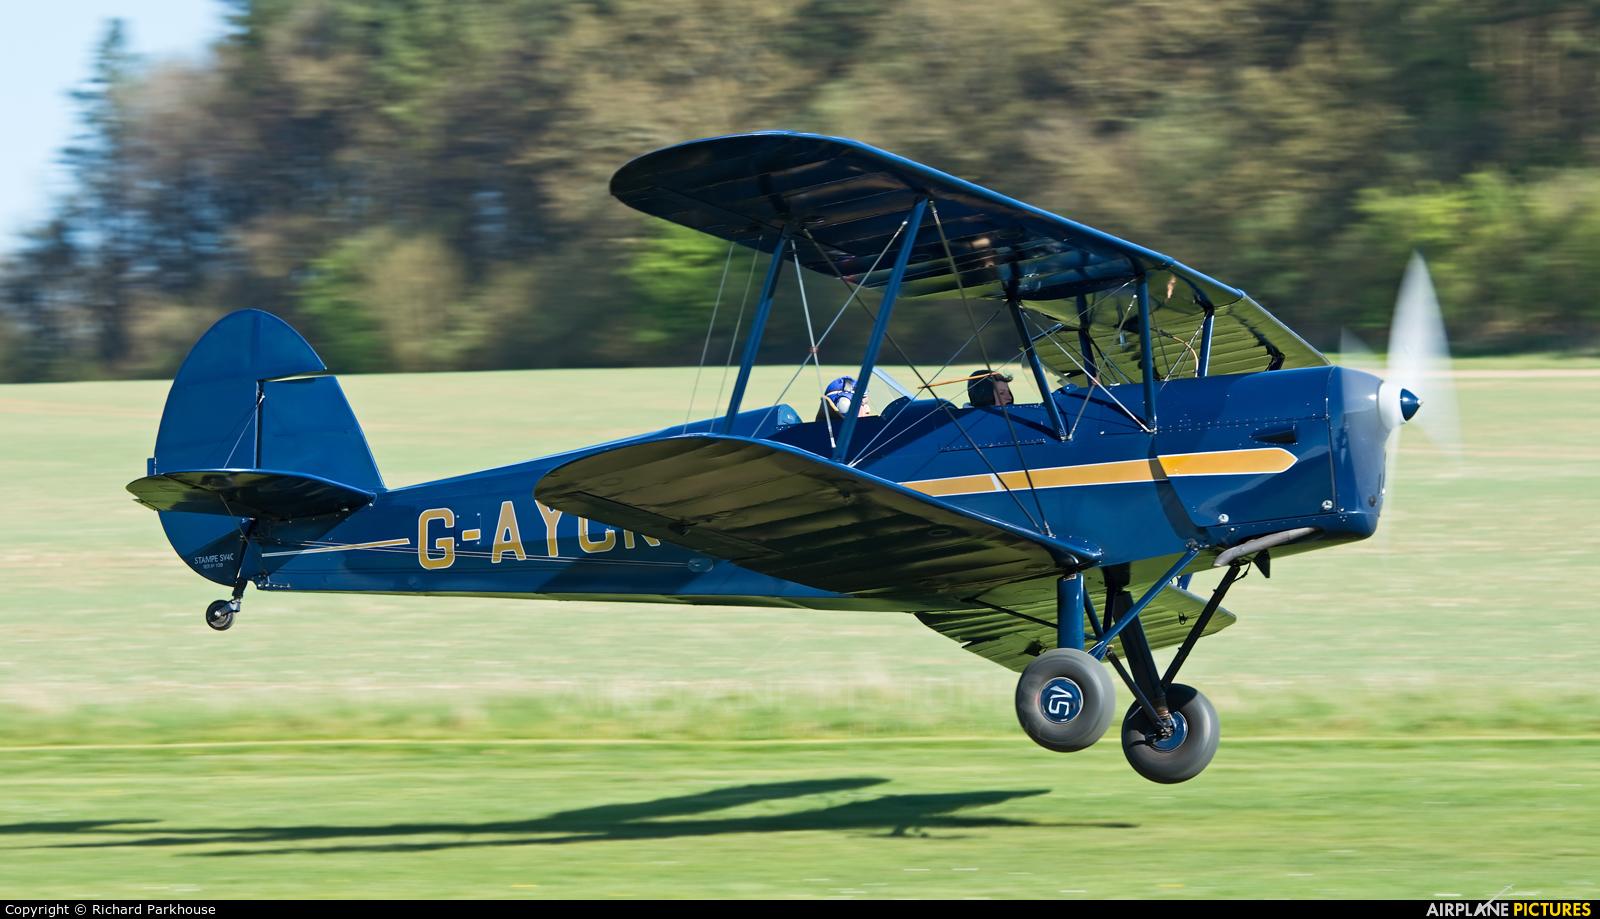 Private G-AYCK aircraft at Popham